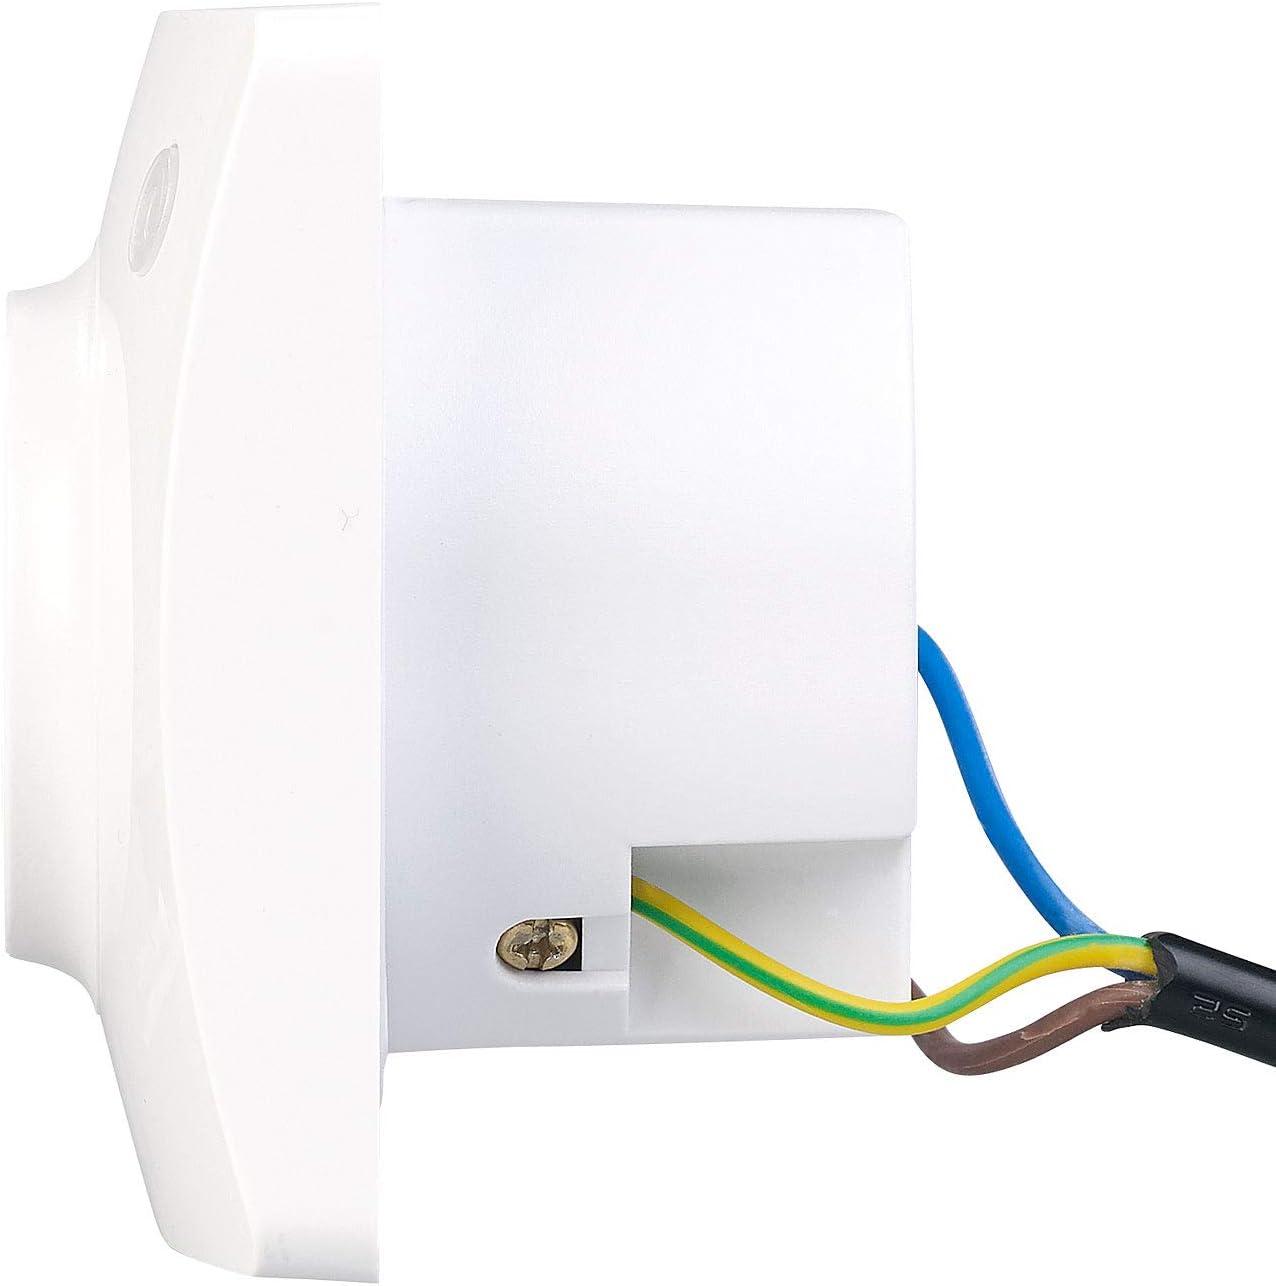 Luminea Home Control Prise encastr/ée connect/ée compatible avec  Alexa et Assistant Google